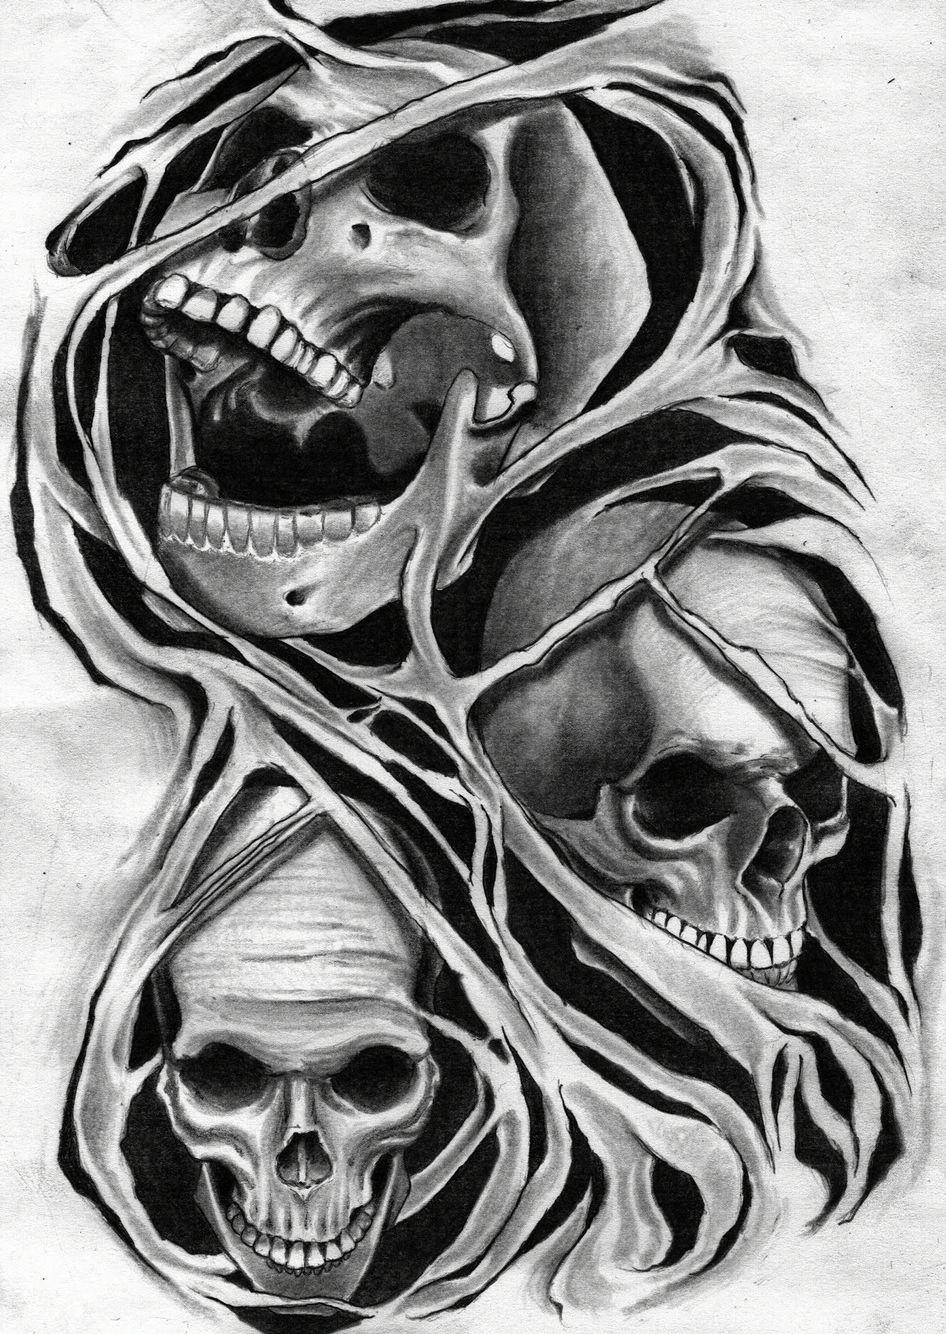 Skulls pencil drawing by me Skulls drawing, Evil skull